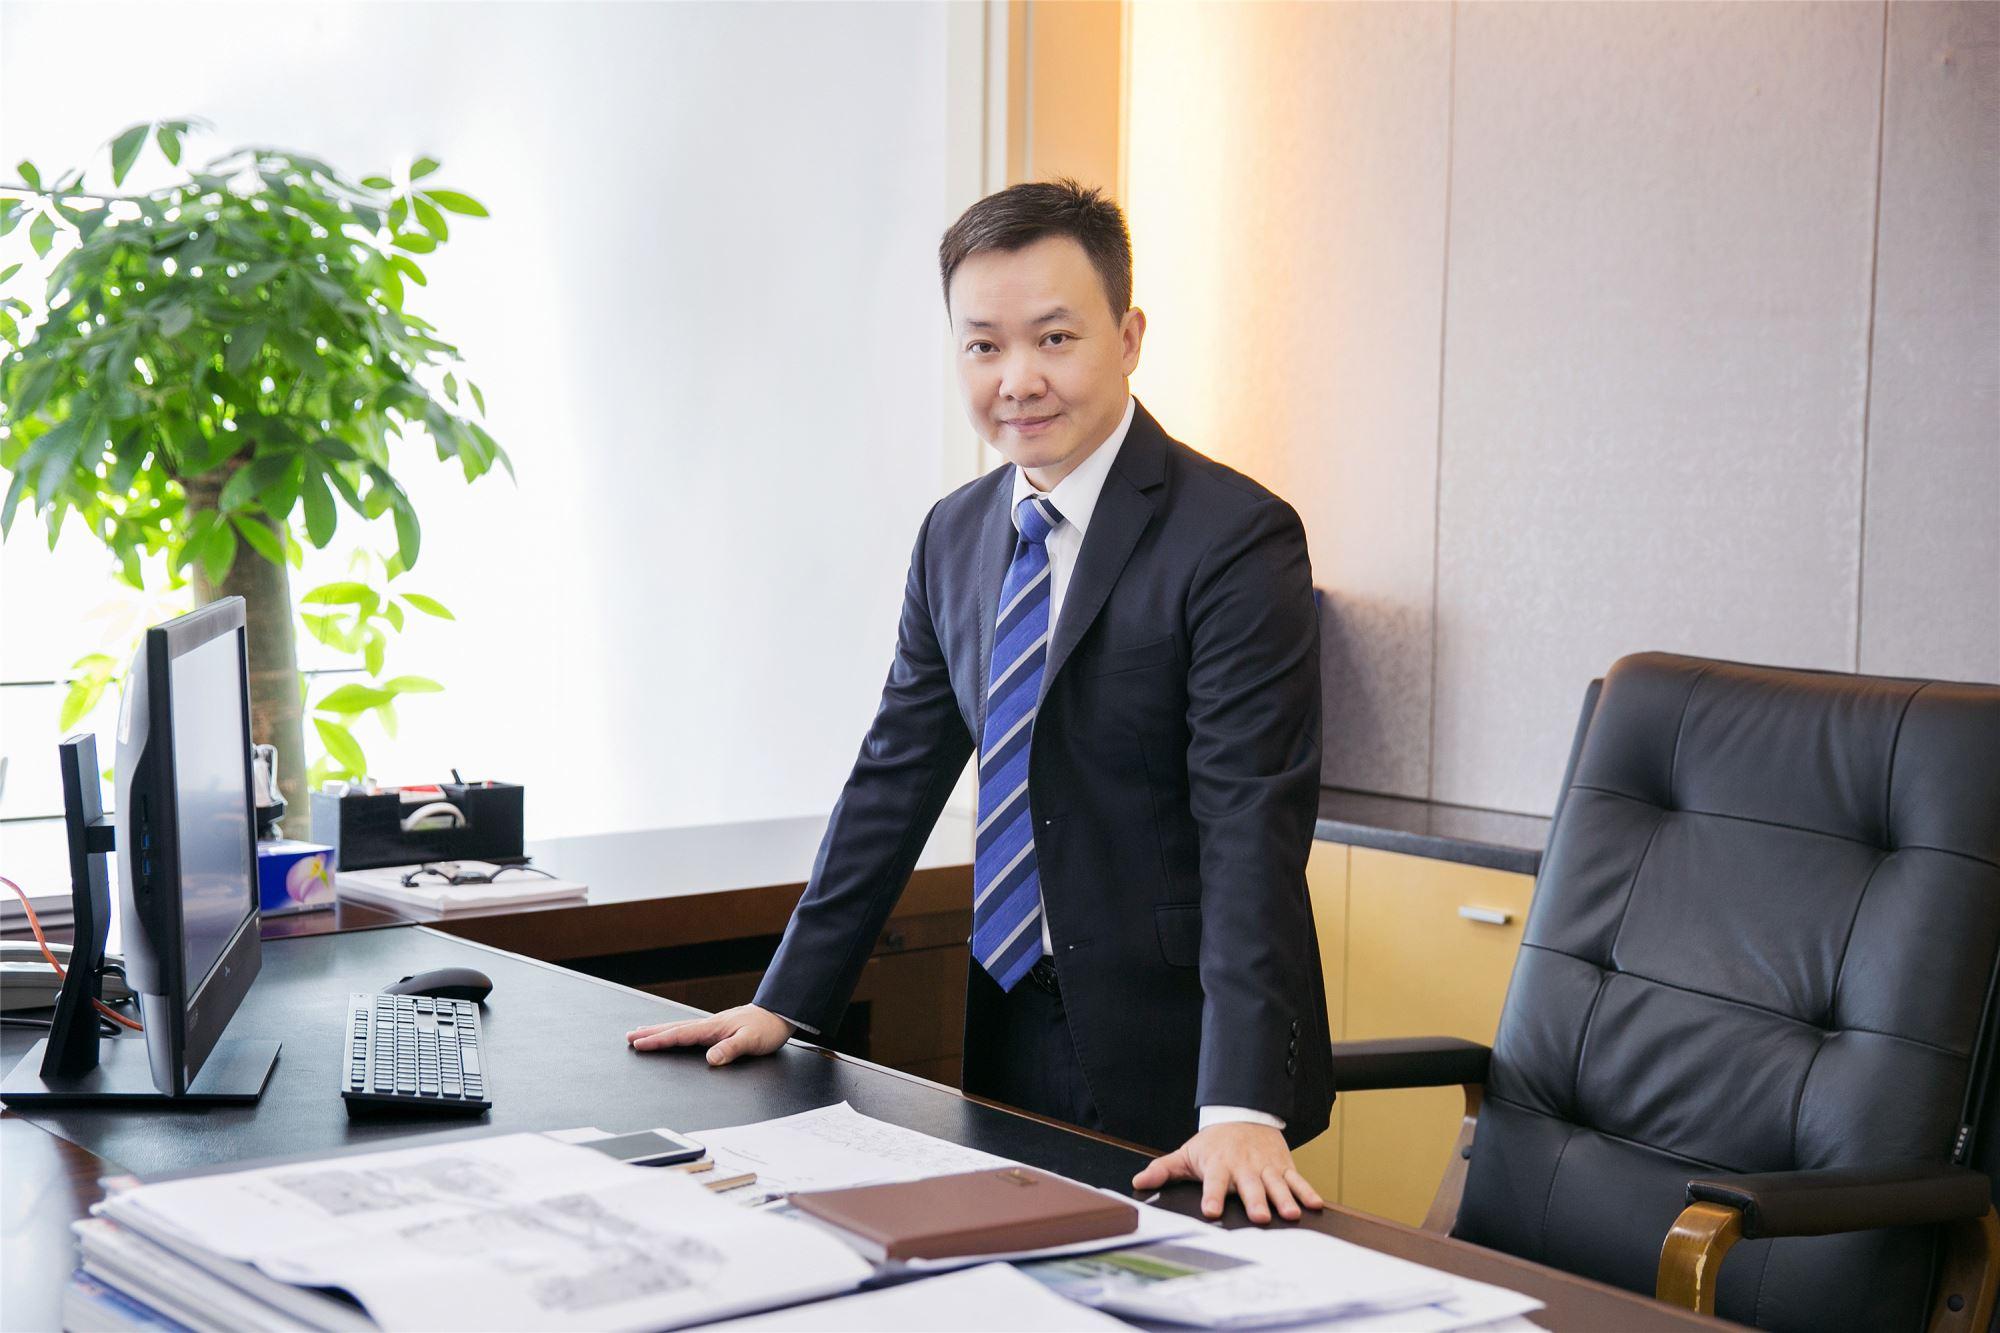 宏发集团副总裁、宏发商业总经理蒋威